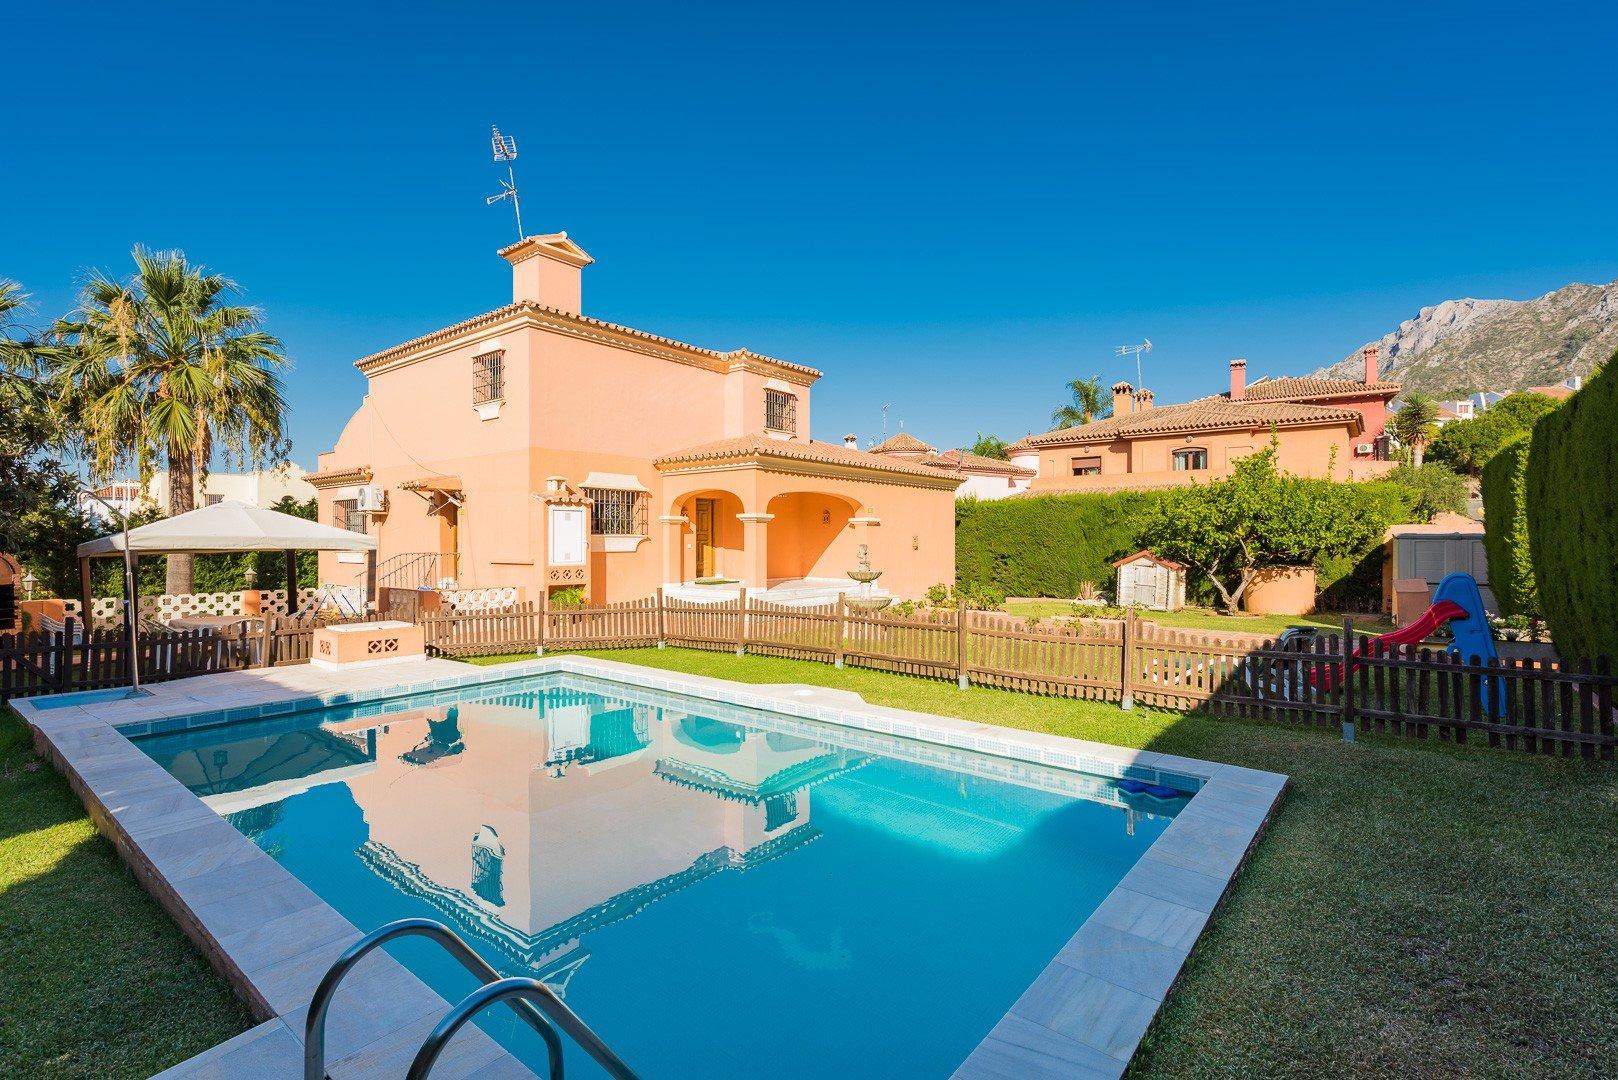 Villa a la venta en Marbella